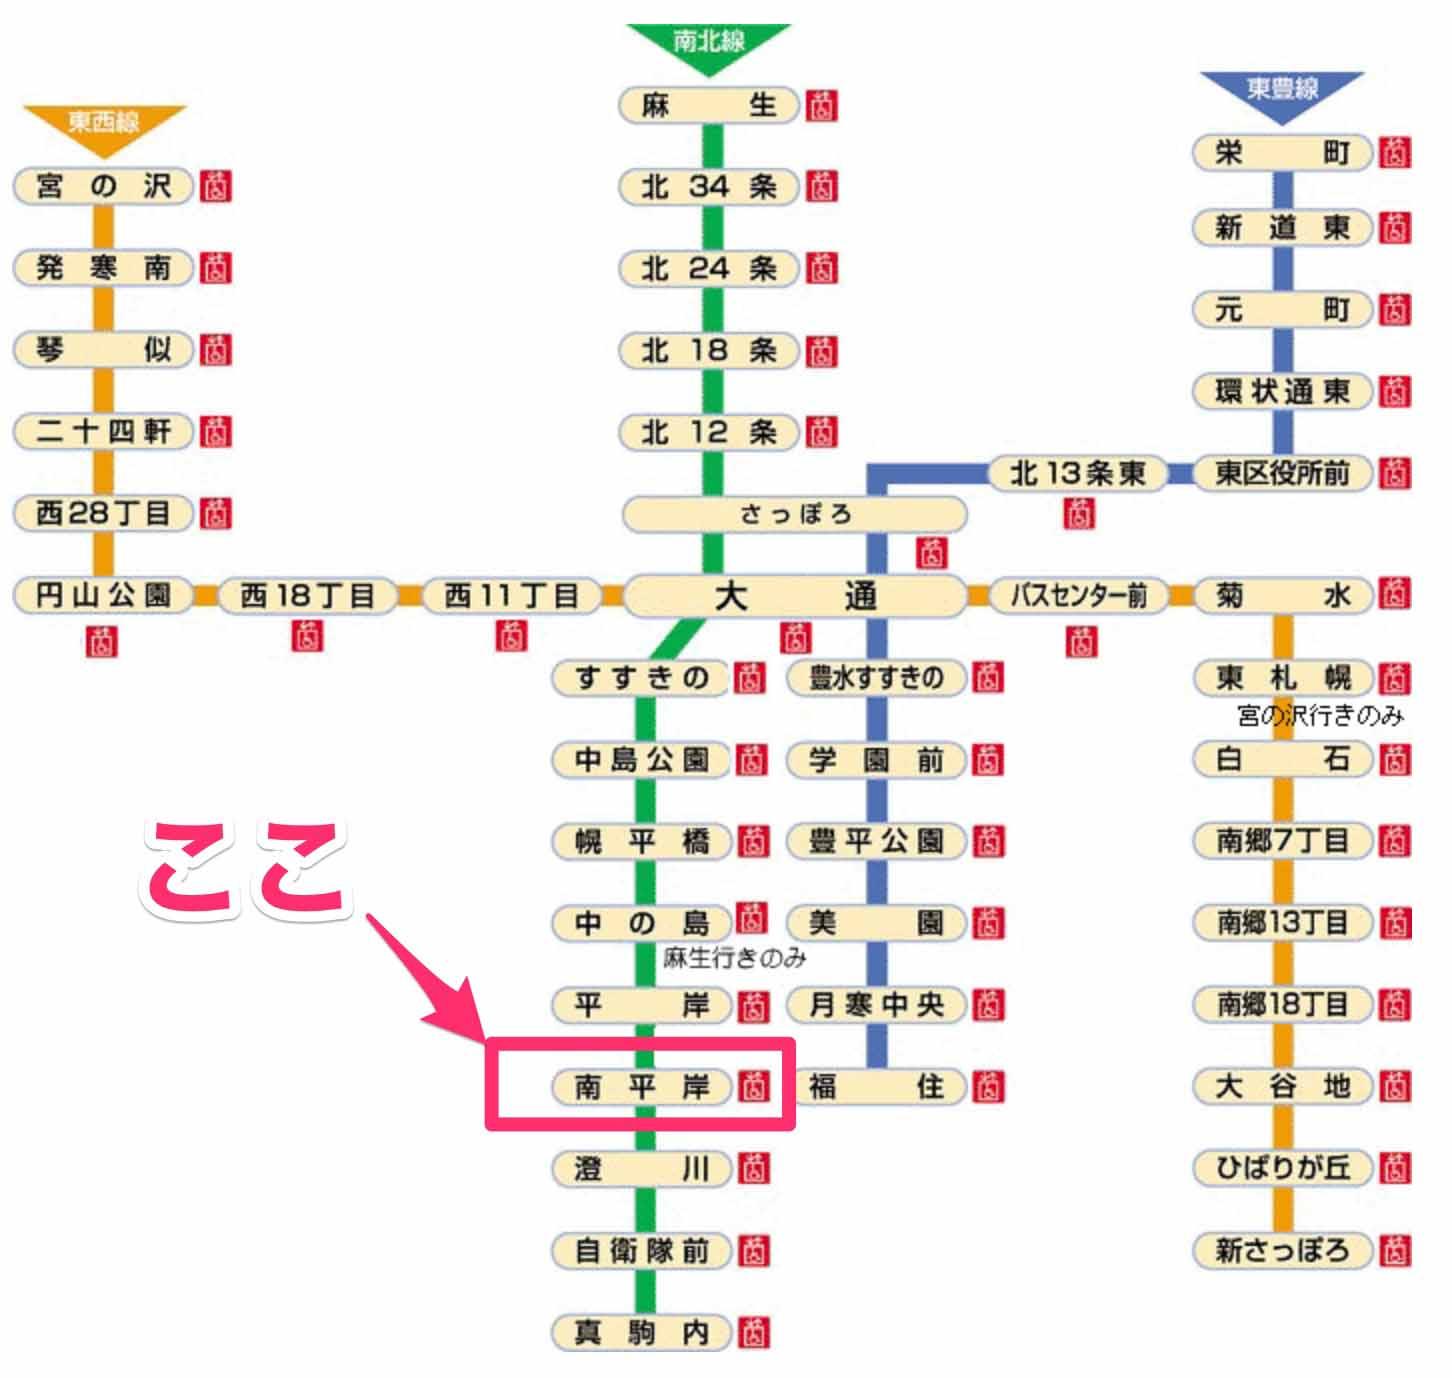 地下鉄路線図(出典:札幌市)